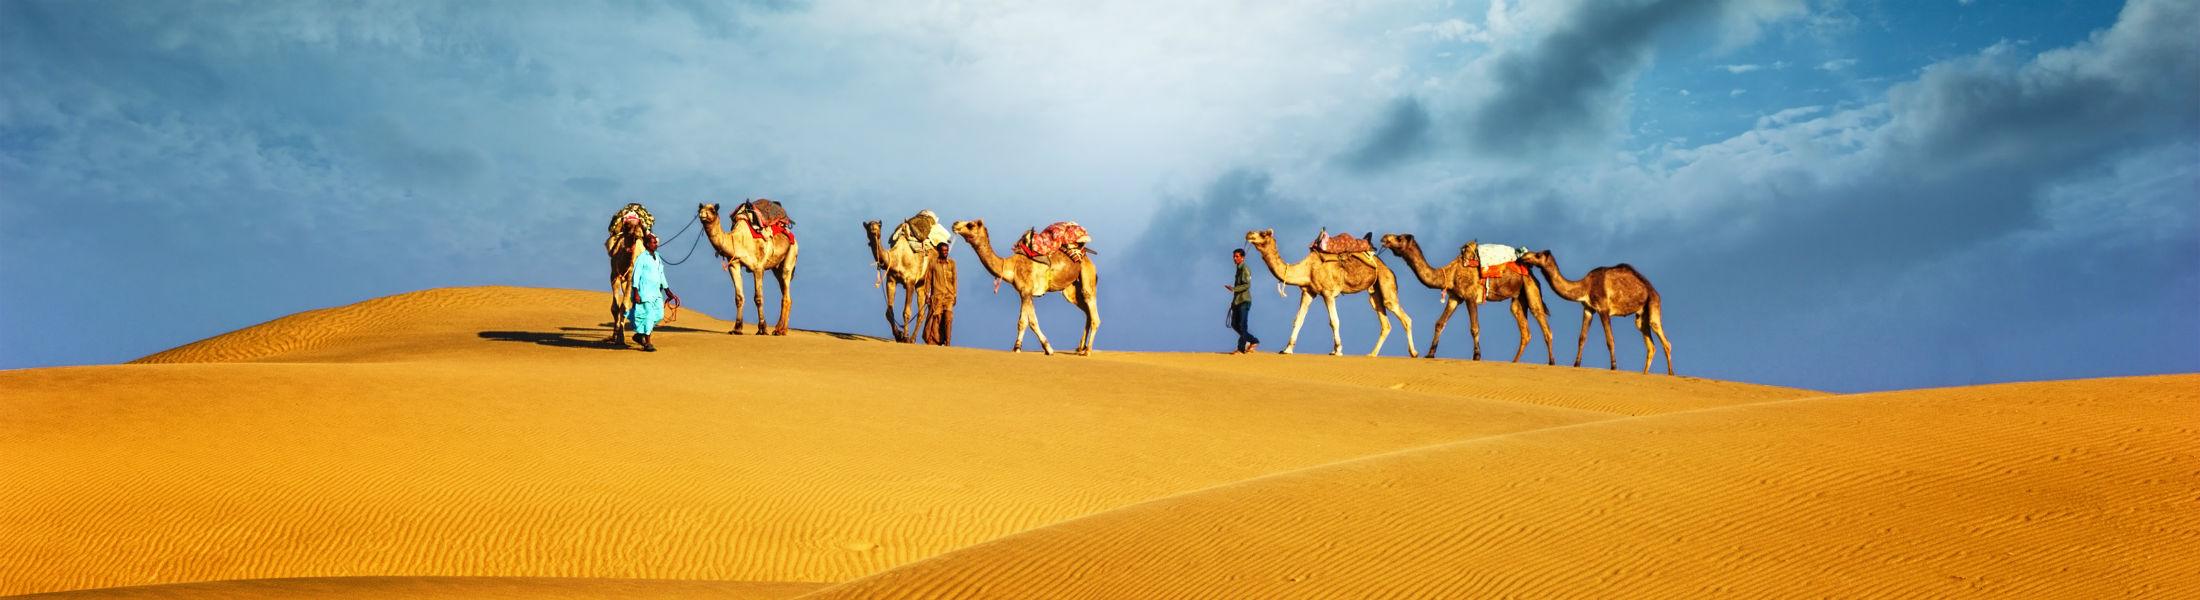 Dubai - Camels in desert